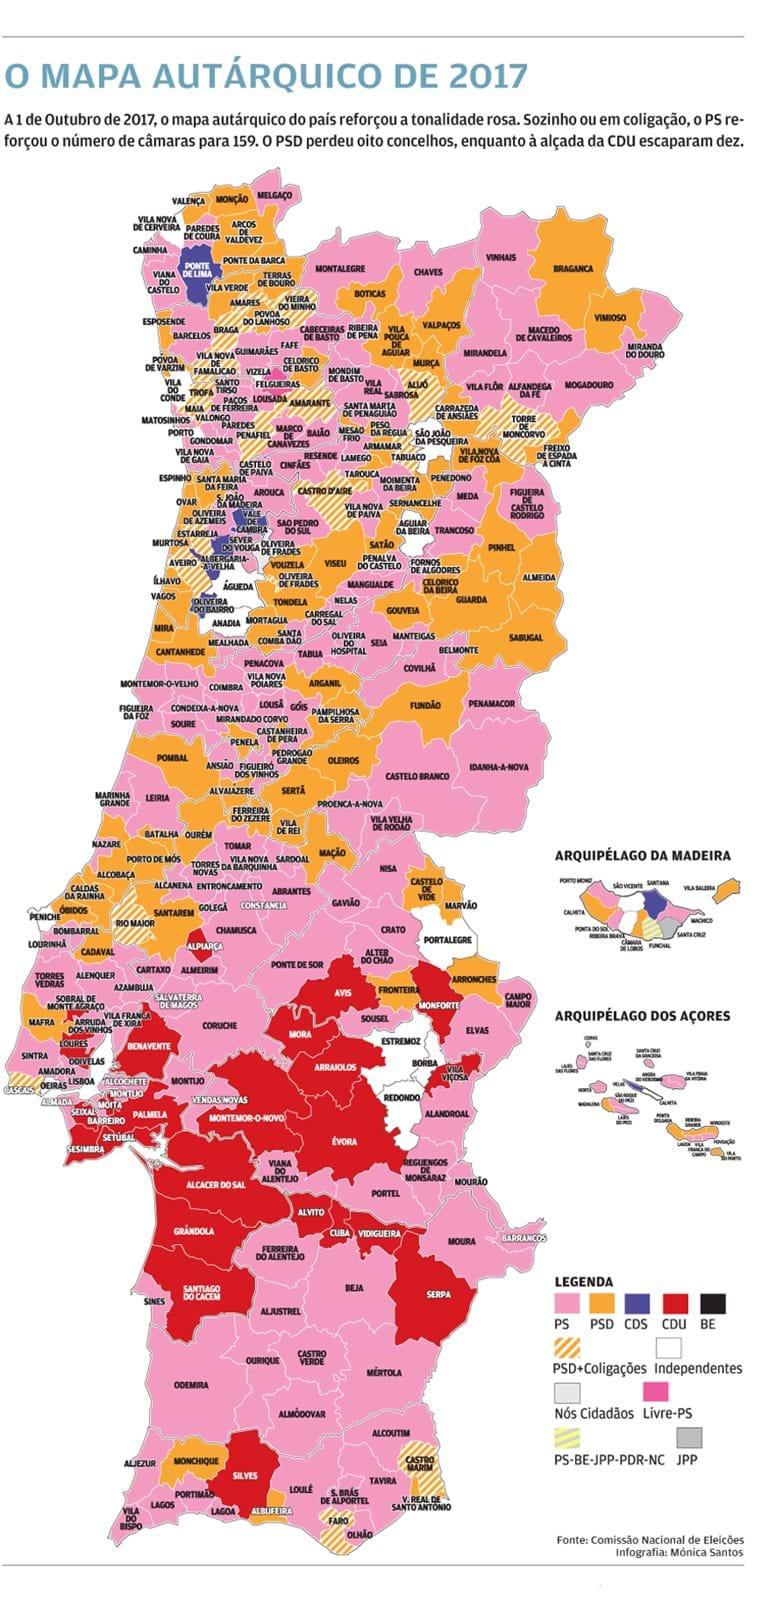 mapa concelhos Nunca o PS teve tantas câmaras   Política   Jornal de Negócios mapa concelhos